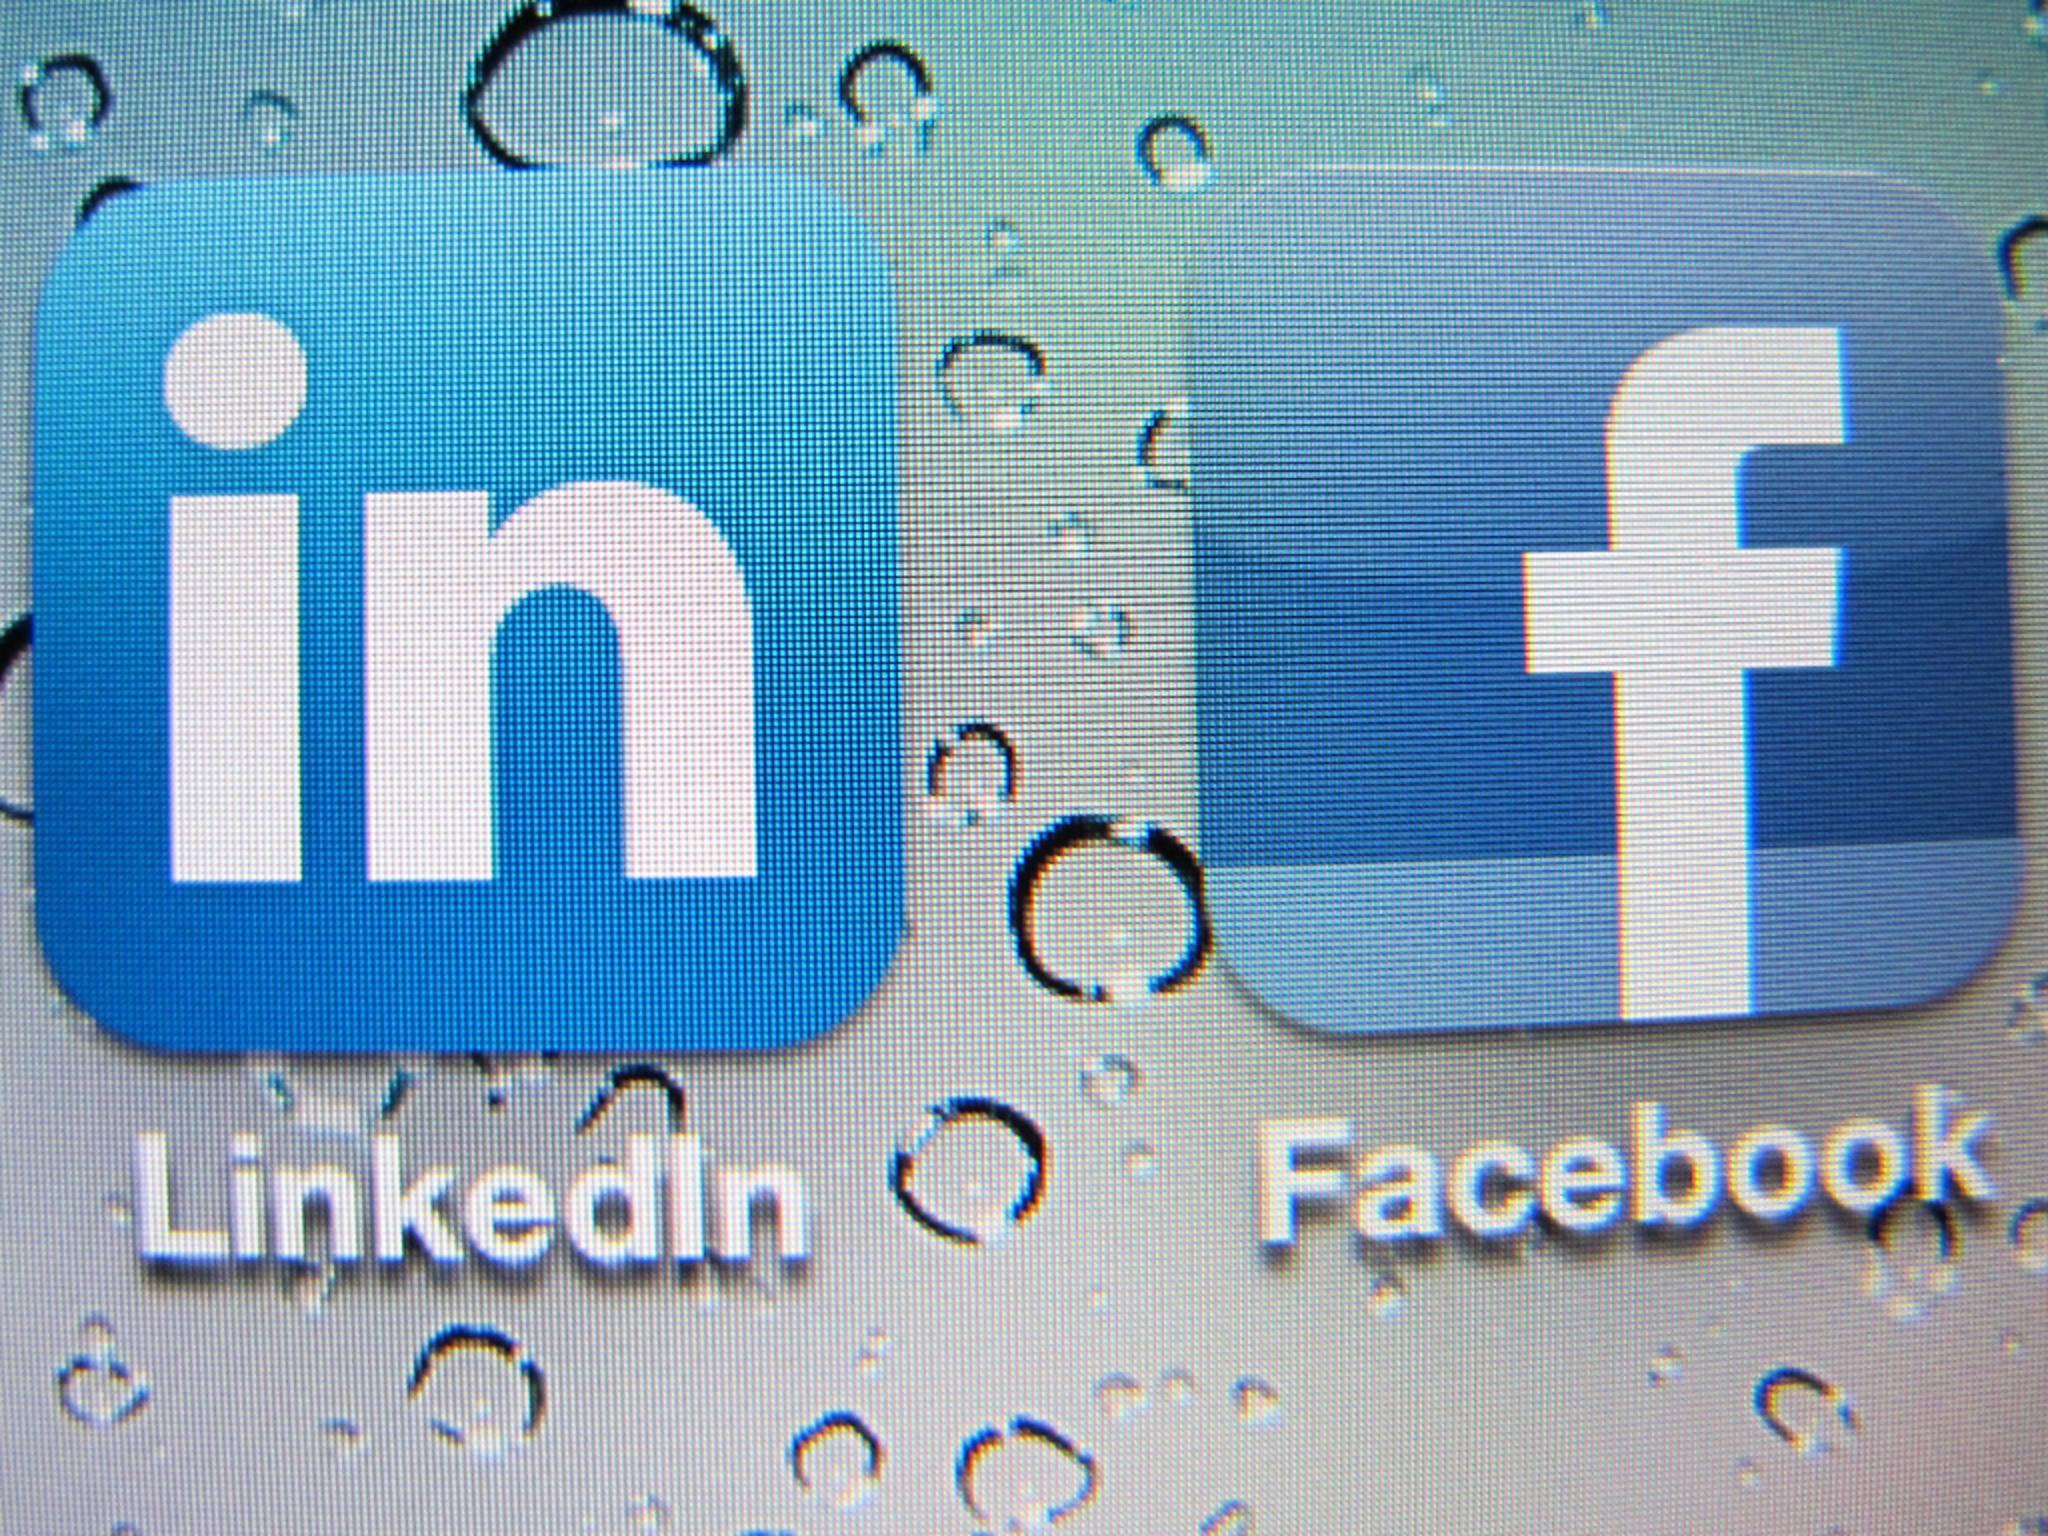 Facebook startet mit Workplace ein Kommunikationstool für die Arbeit.